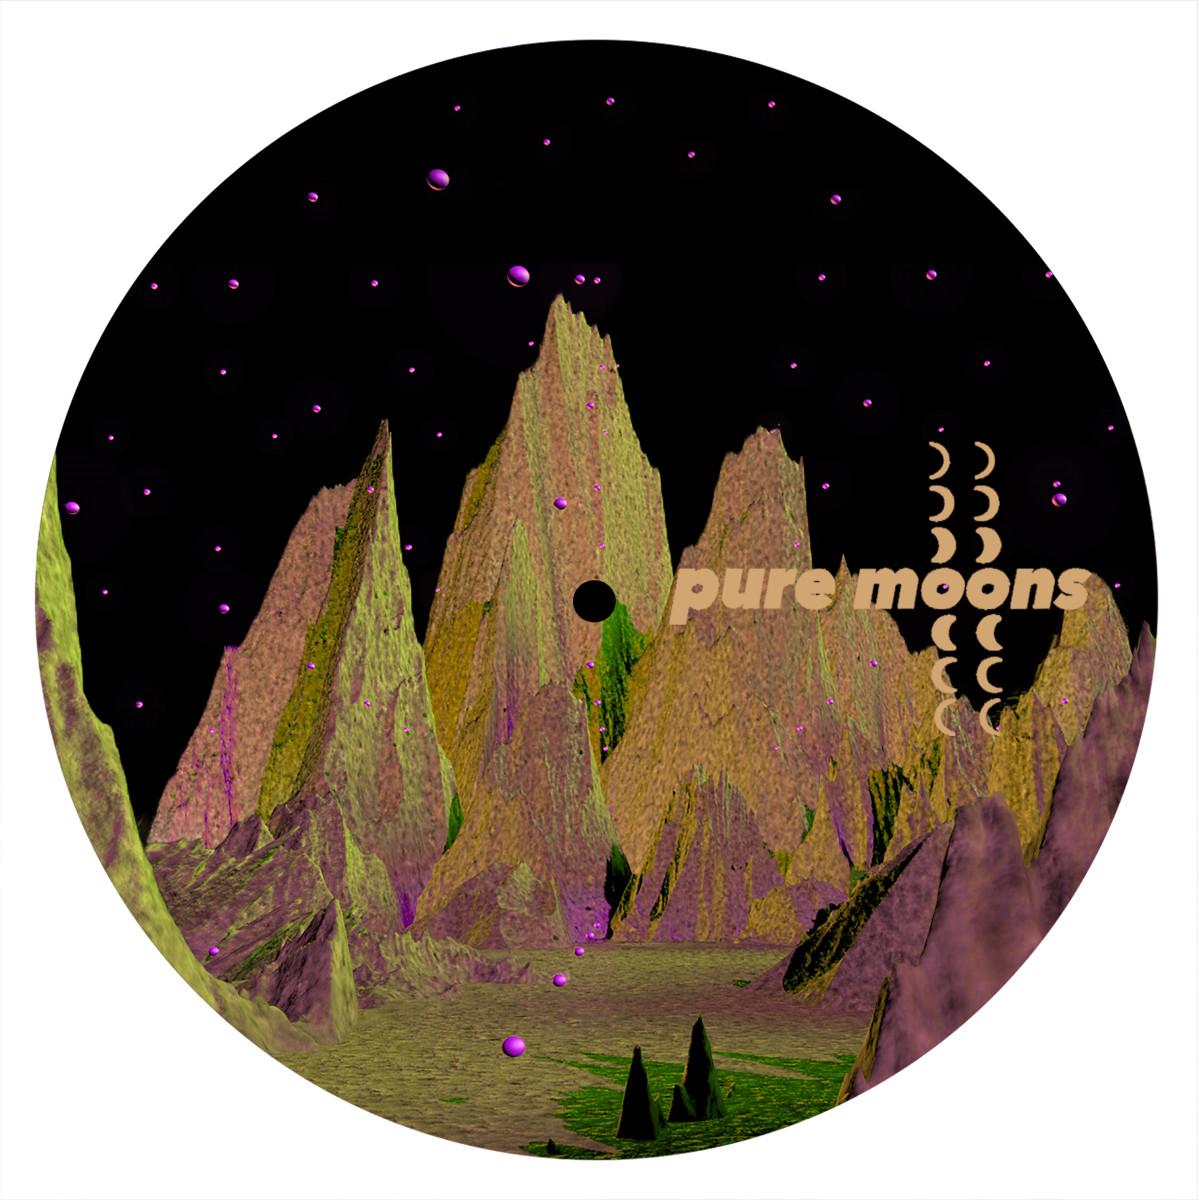 Moon Boots - Pure Moons Vol 2.